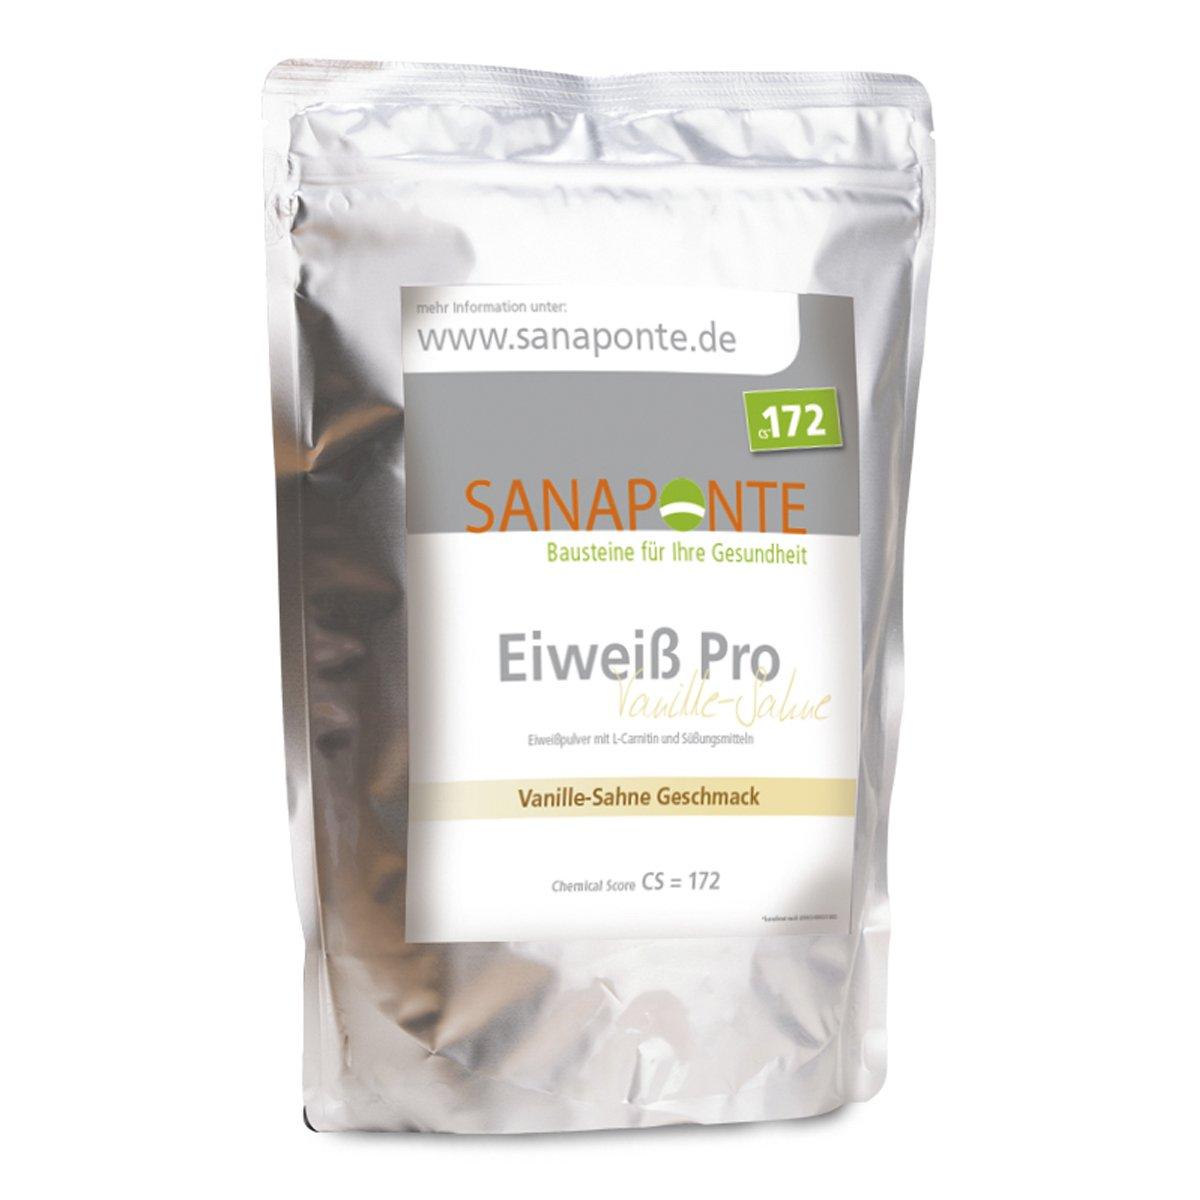 SANAPONTE Eiweiß Pro | 1000g hochdosiertes Eiweißpulver/Proteinpulver mit bcaa | Vanille- Sahne Geschmack | Bei Eiweiß-Mangel, Belastung, Stress & zum Abnehmen | Nahrungsergänzungsmittel für Kraft-Sport & Ausdauer-Sport / Eiweißshake / Eiweiß Pulver mit L- Carnitin / Whey Eiweiß / 3 K Eiweiß / Protein Pulver / Eiweiß Shake product image